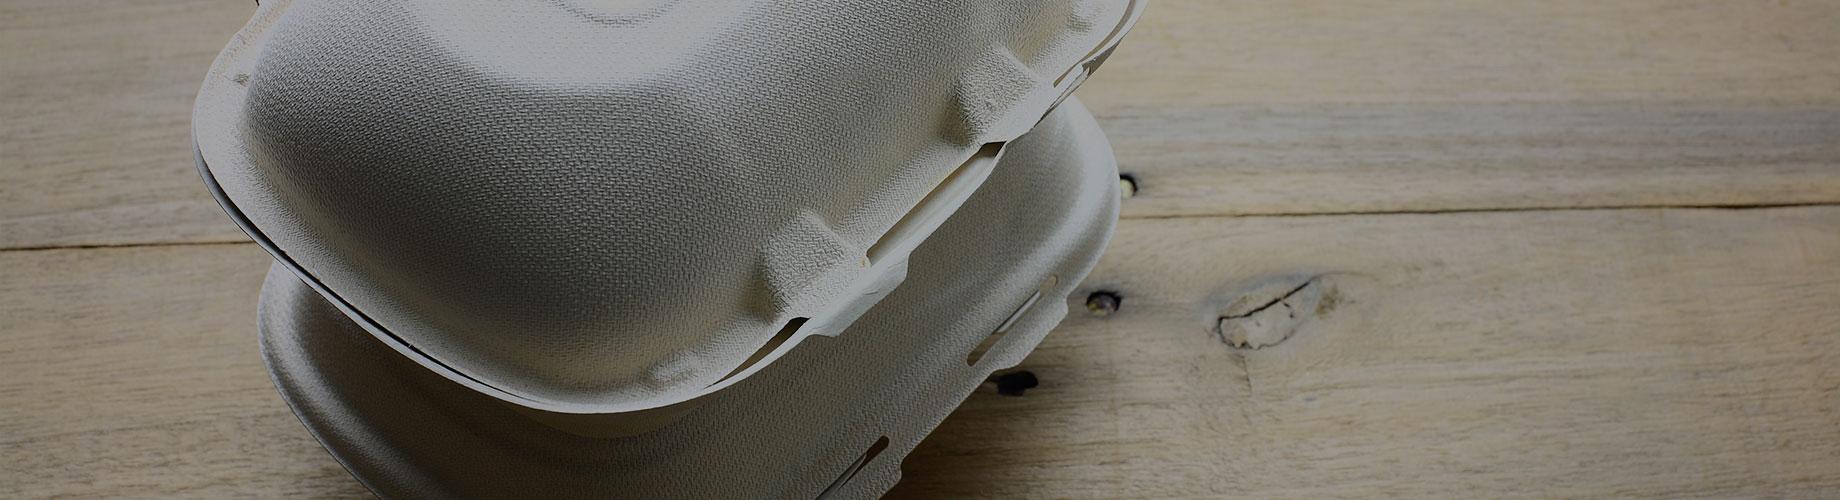 ¿Cómo se degradan los Desechables Biodegradables?